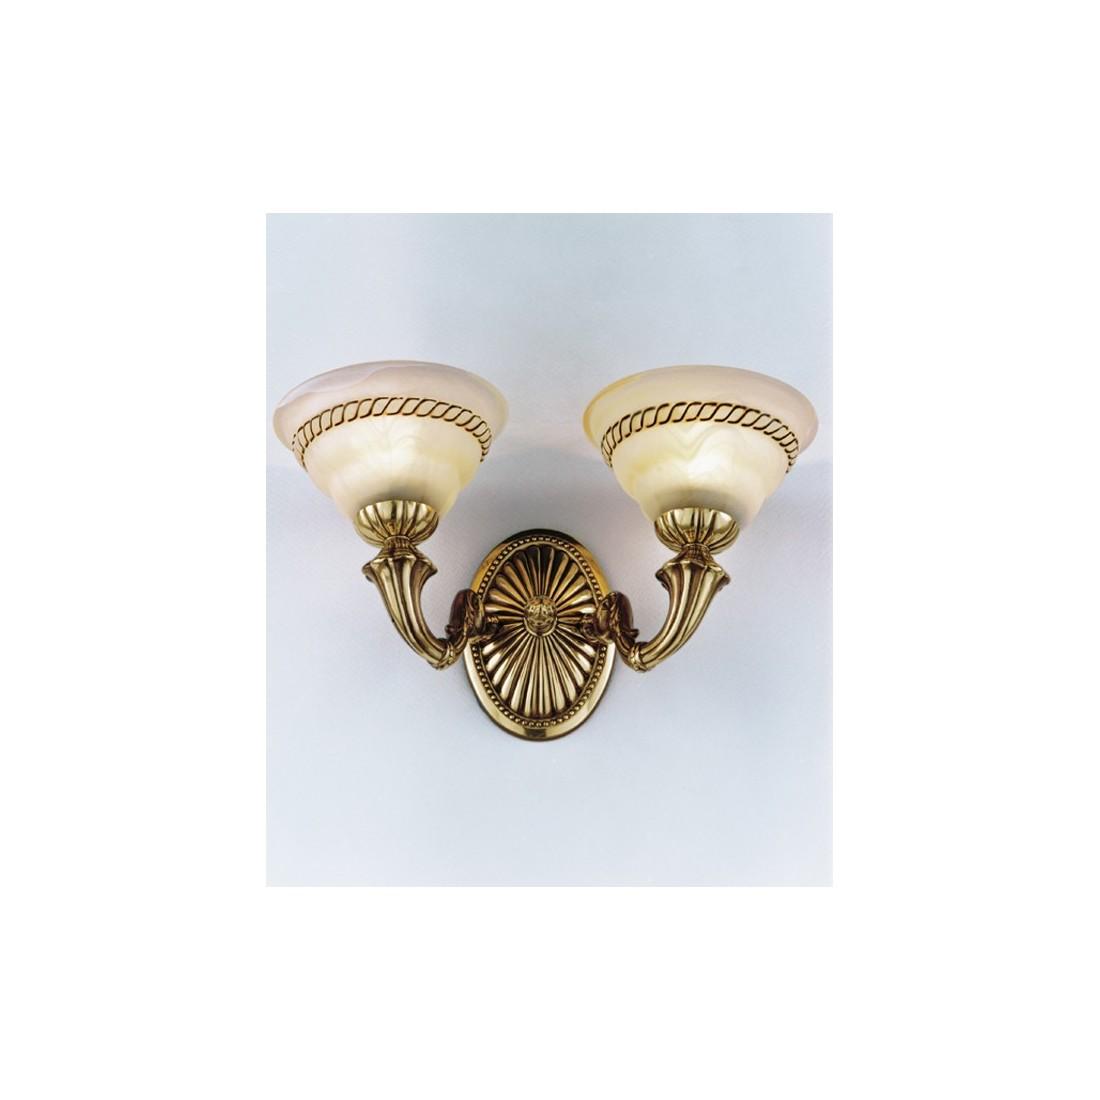 3 luces aplique de pared de bronce con dragones - Lamparas clasicas modernas ...